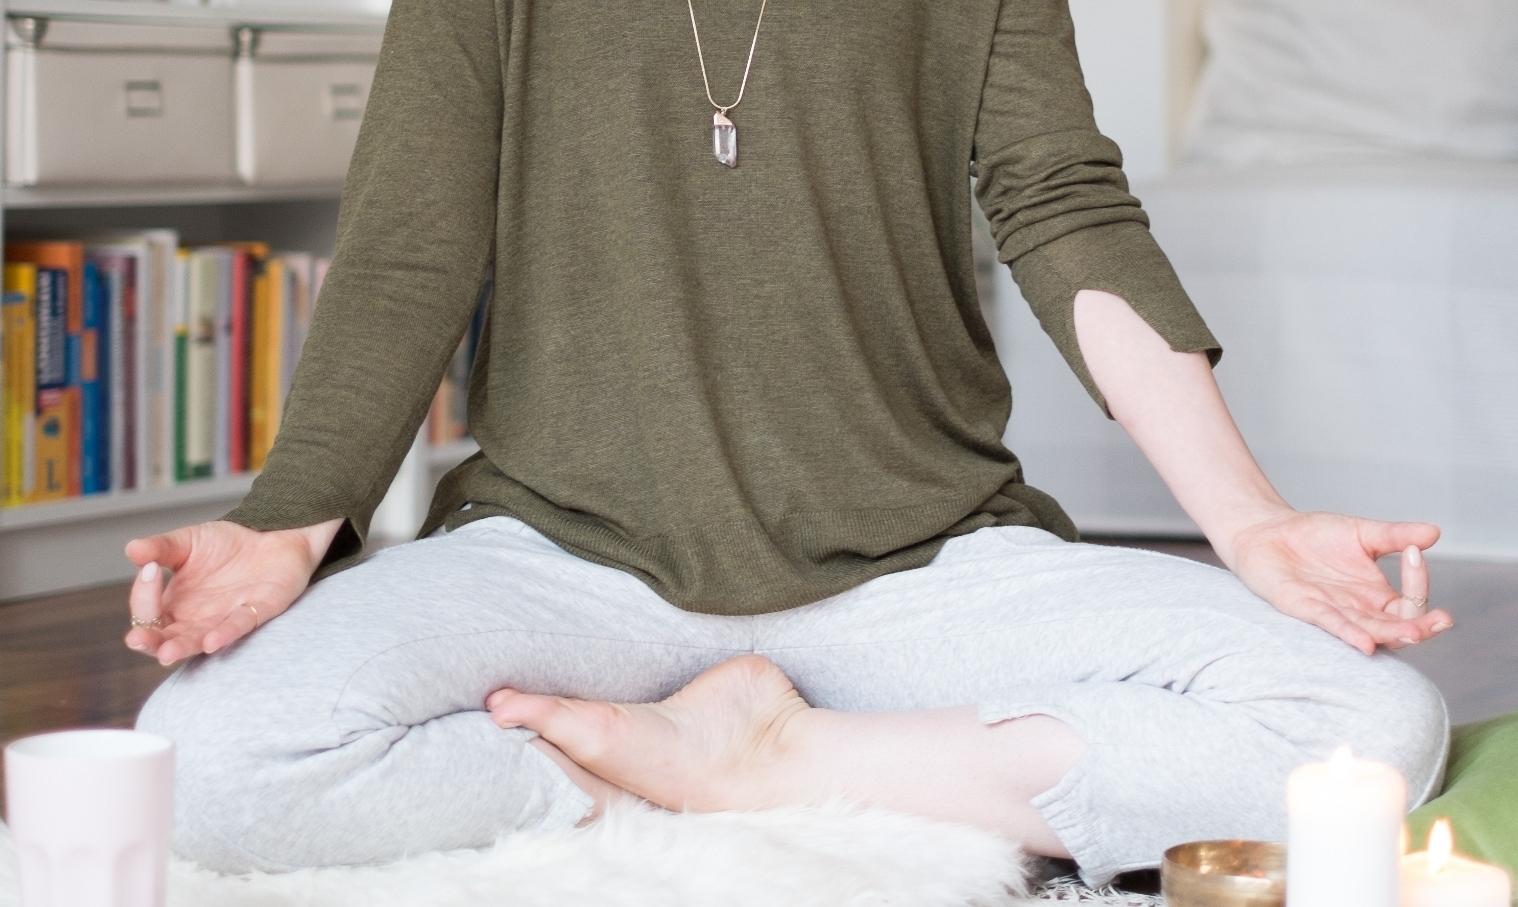 Lerne Meditieren - Video-Online-Kurs für den unkomplizierten Einstieg in die Meditation